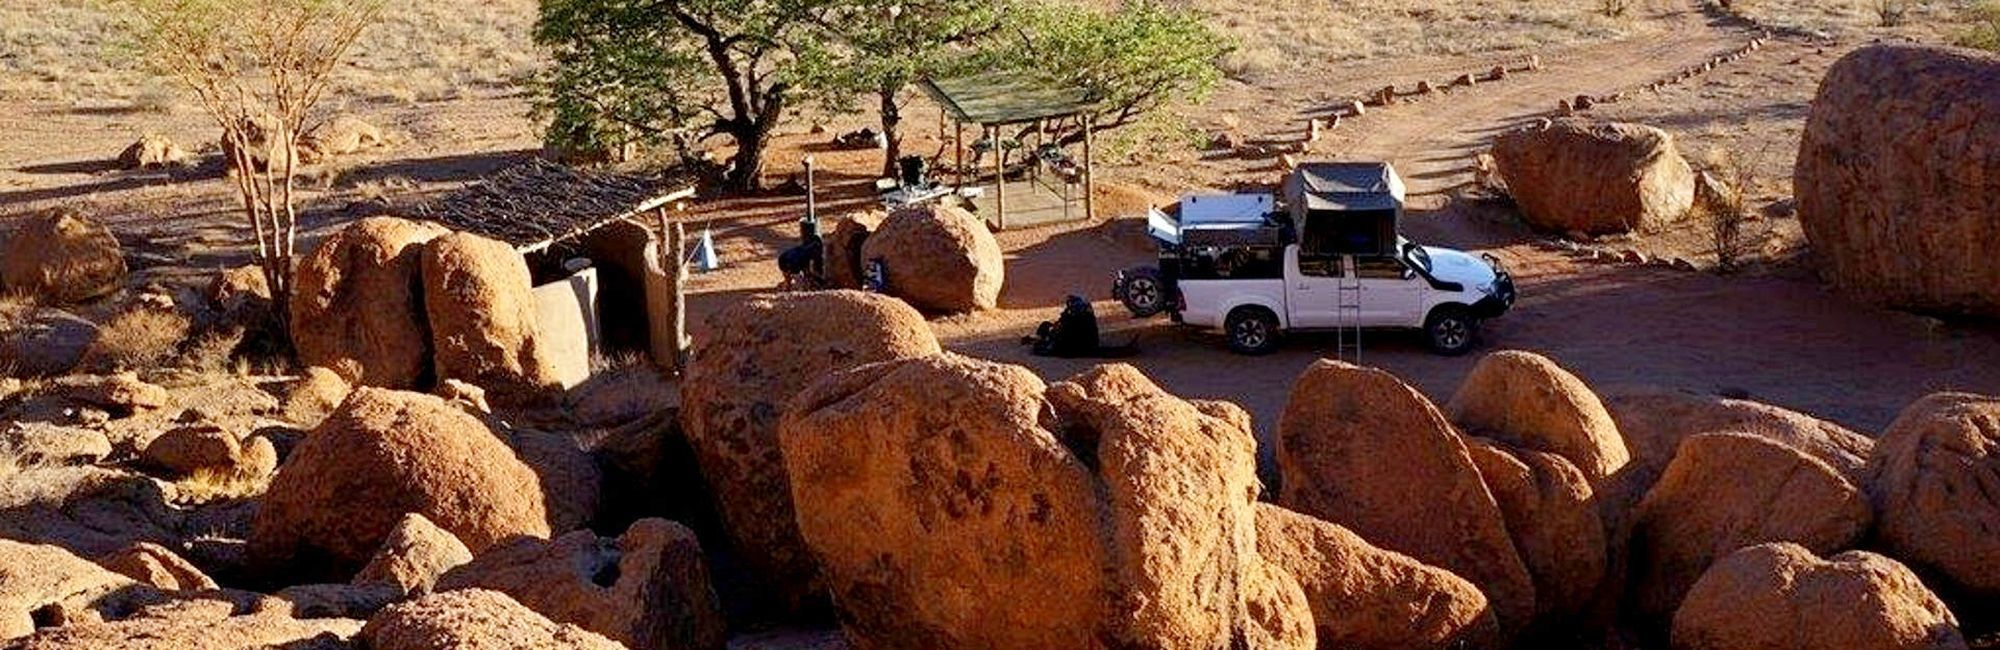 Rondreis Namibië in 4x4 met daktent